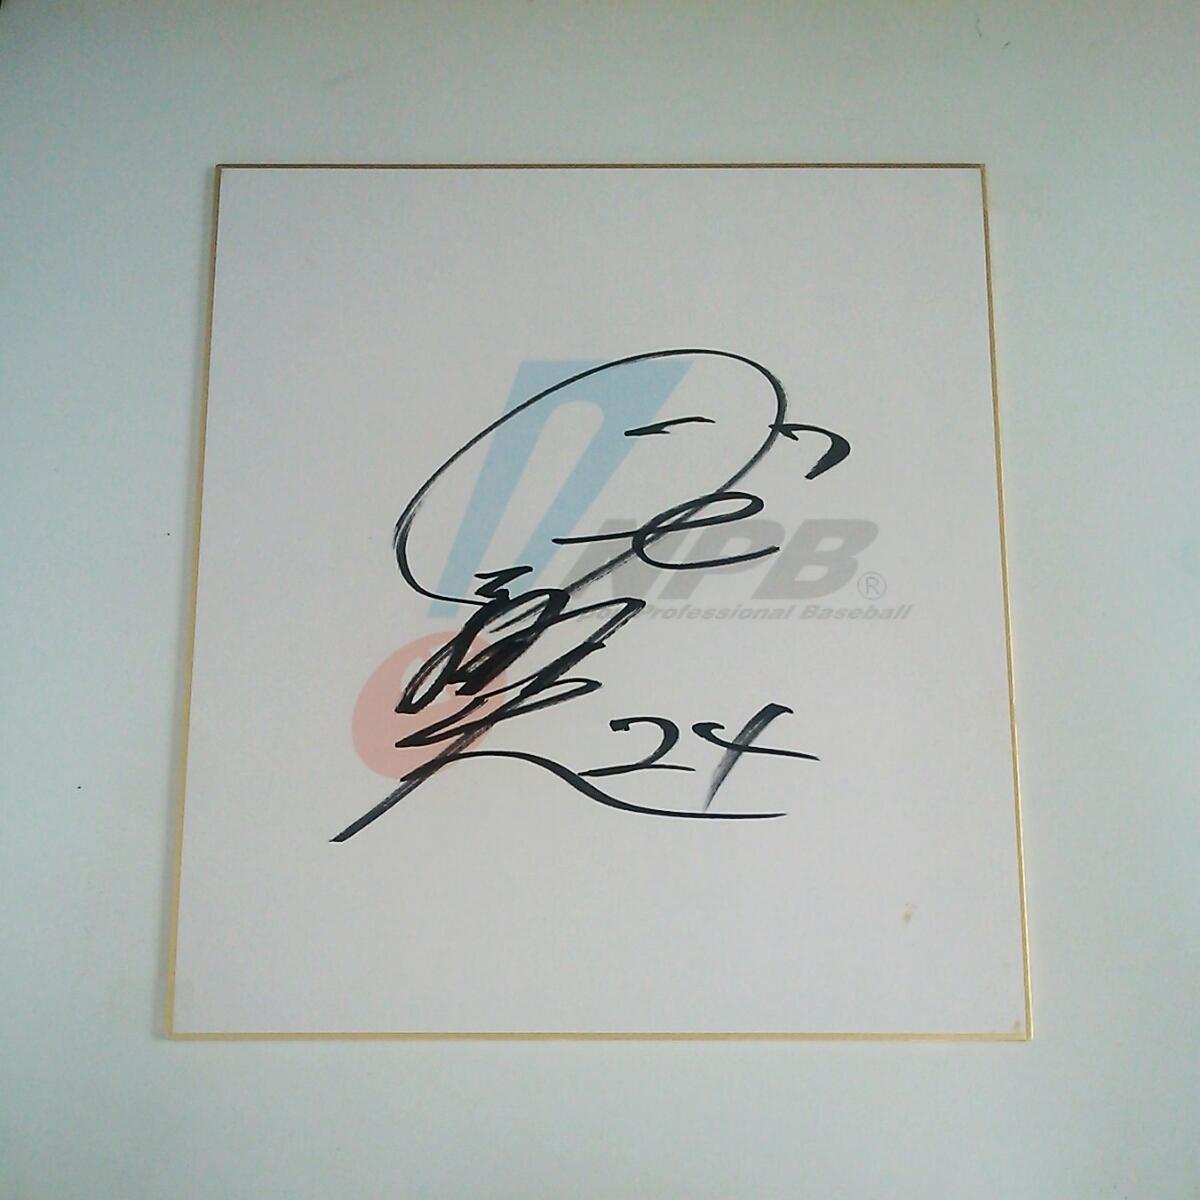 プロ野球フレッシュオールスターゲーム2011 小池翔大 千葉ロッテ 直筆サイン色紙 NPBロゴ入り